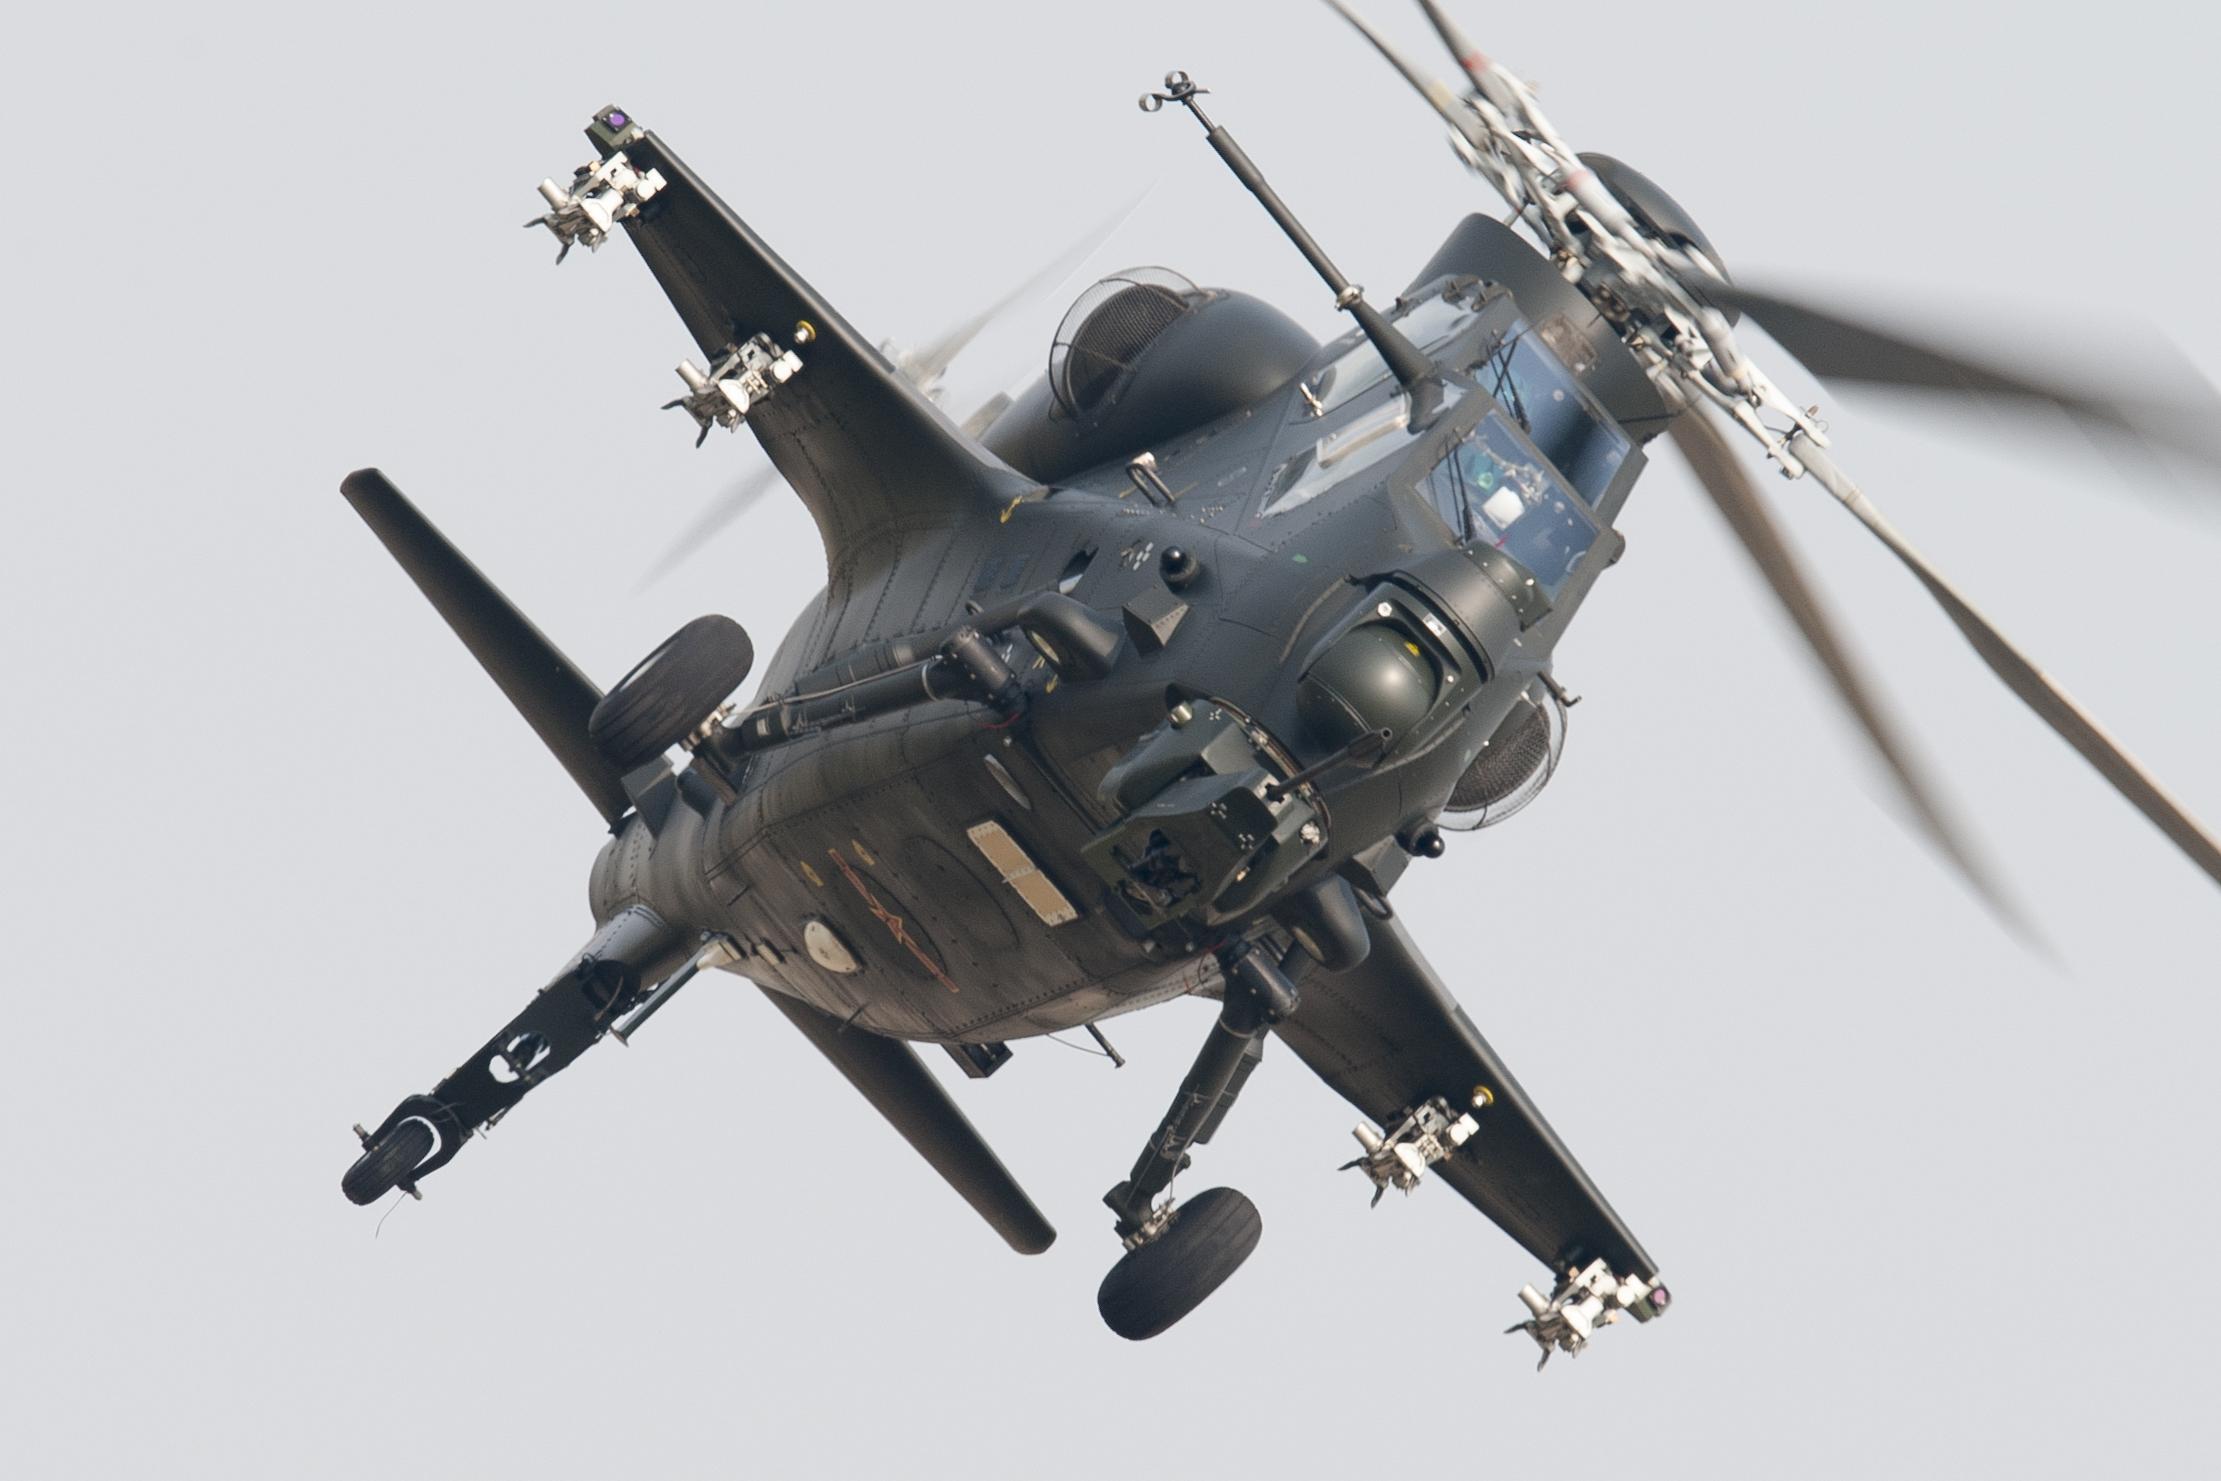 باكستان ترغب بشراء مقاتلة FC-31 و مروحيه Z-10 الصينيتين WZ-10